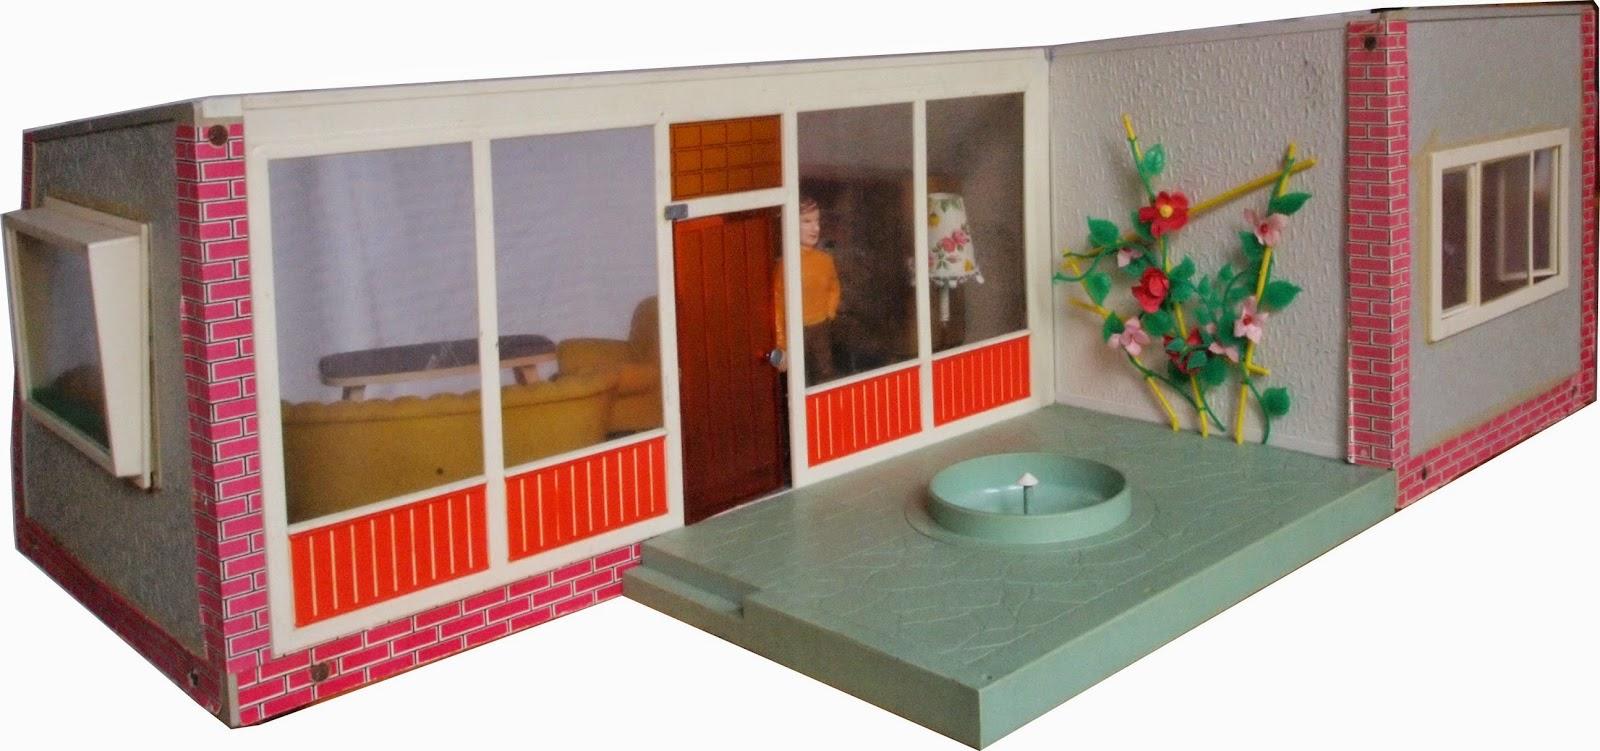 diepuppenstubensammlerin h fner krullmann. Black Bedroom Furniture Sets. Home Design Ideas